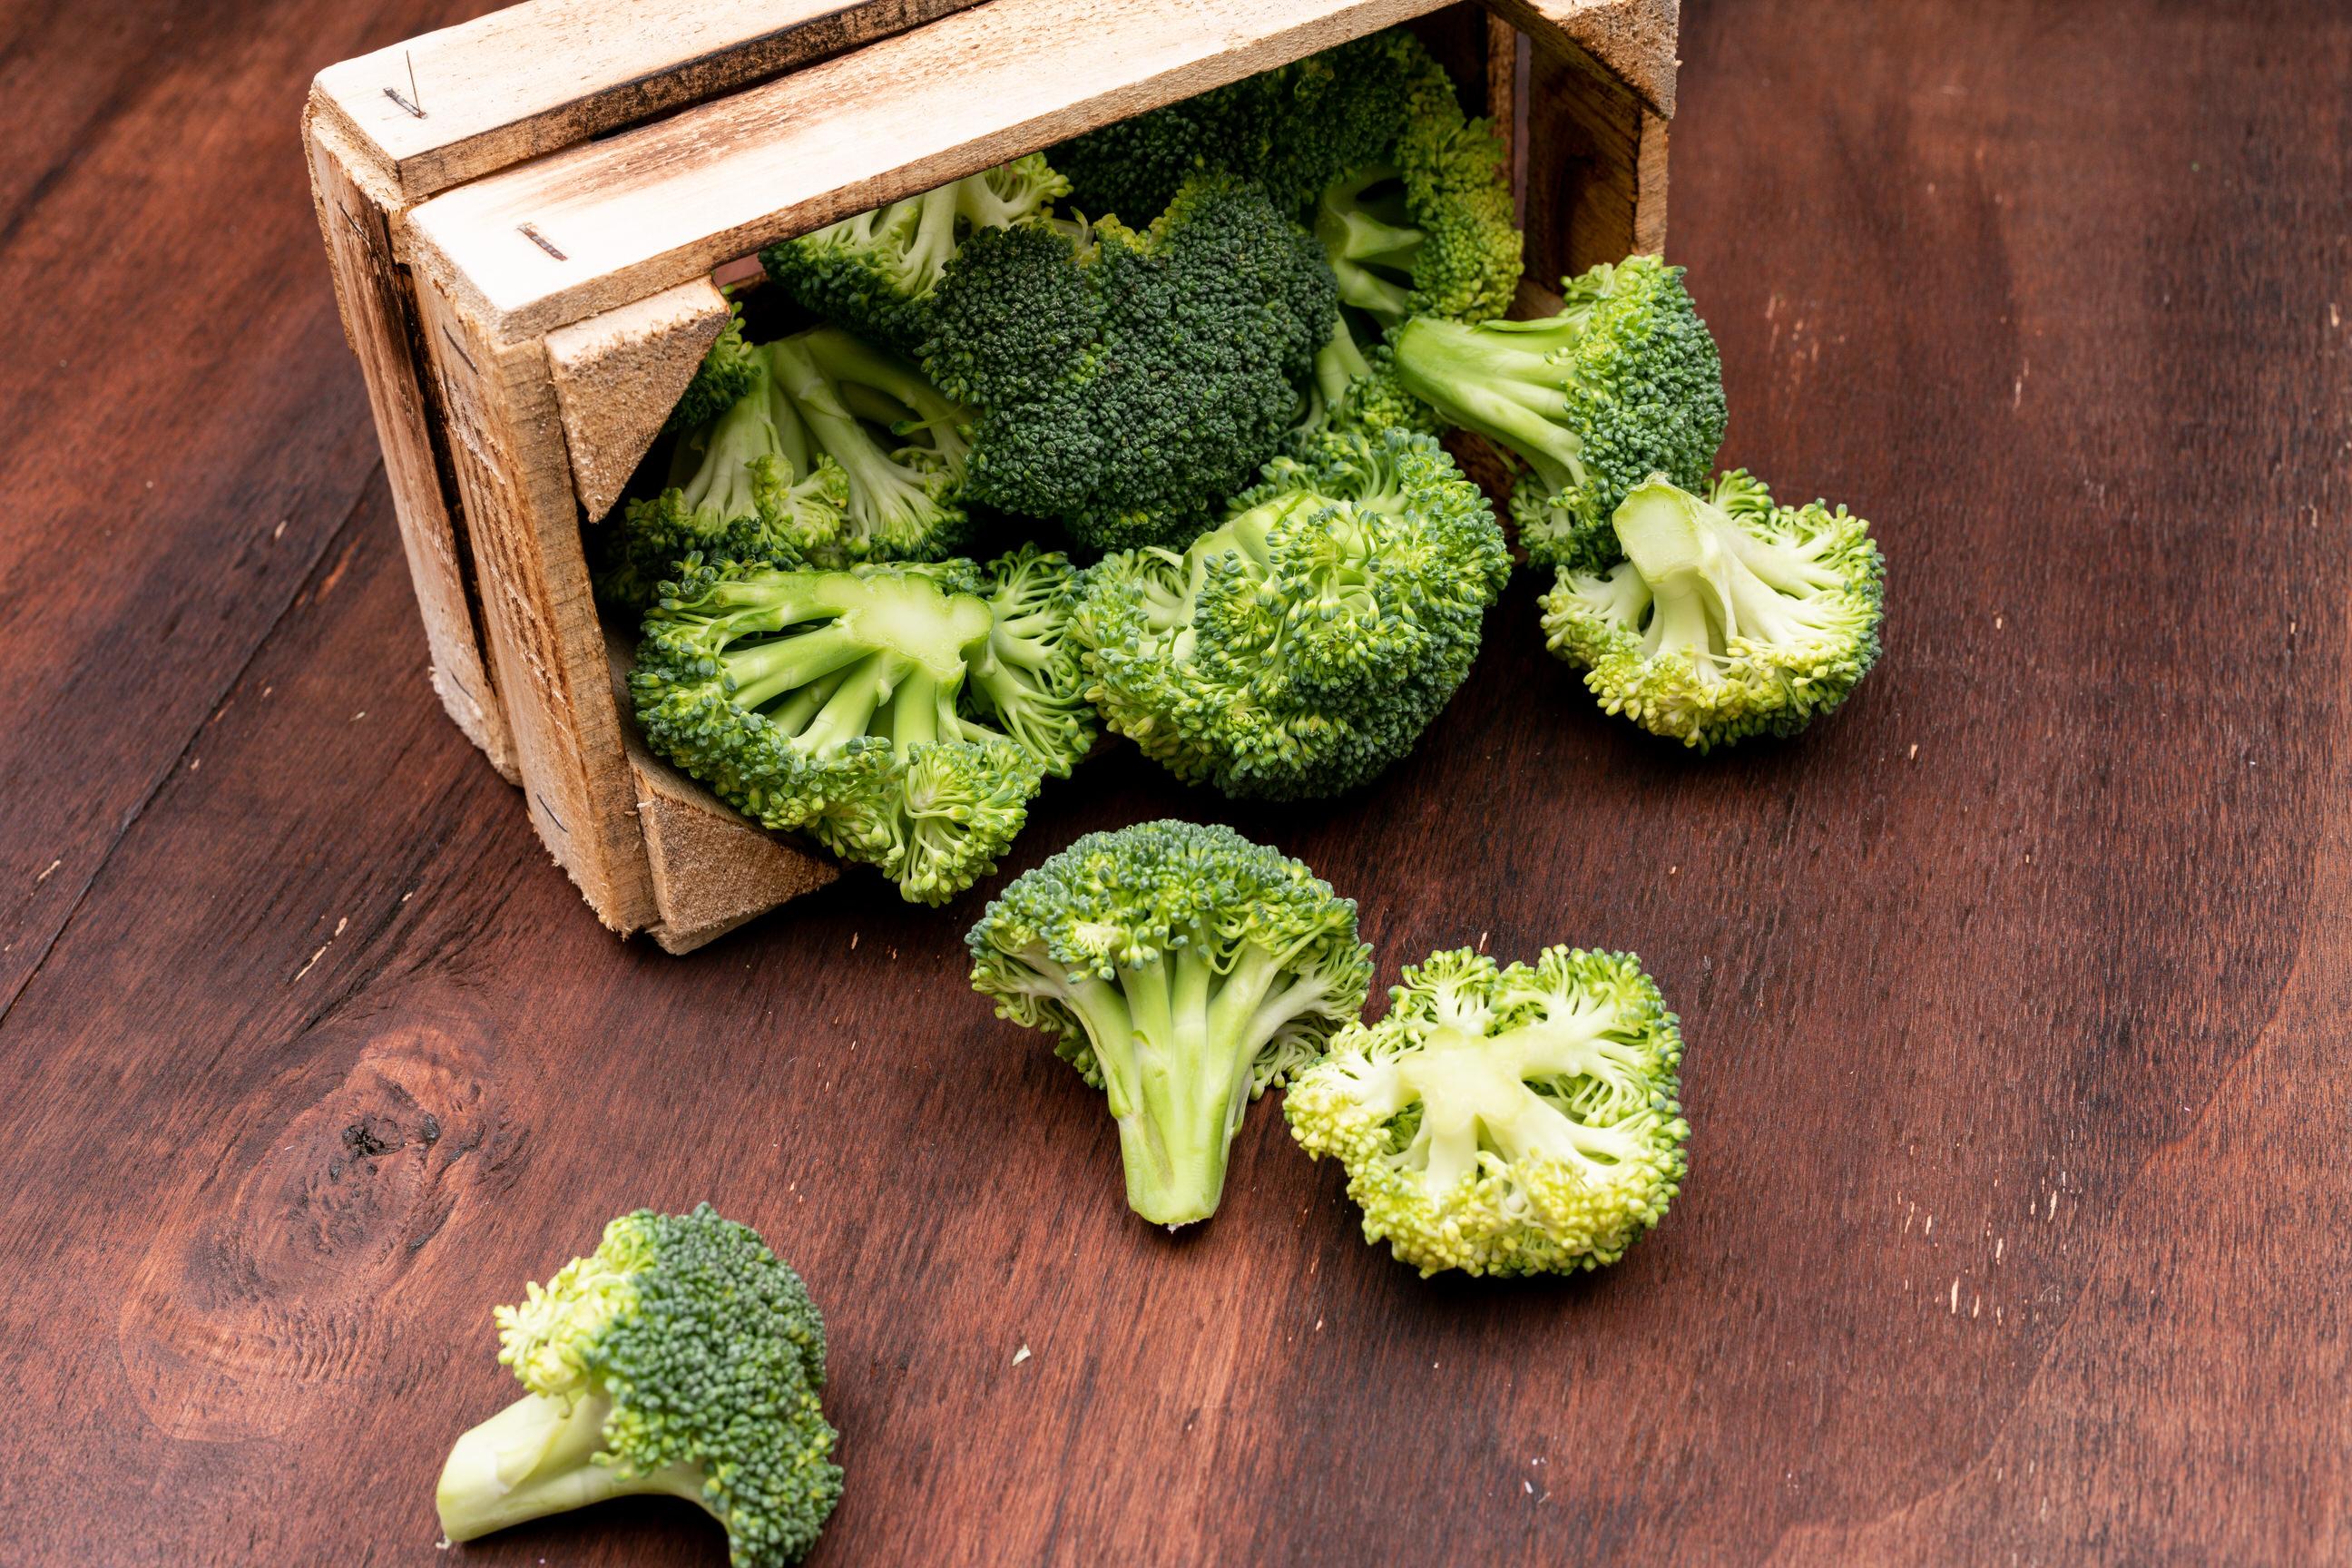 Embalaje de brócoli en CEDIS